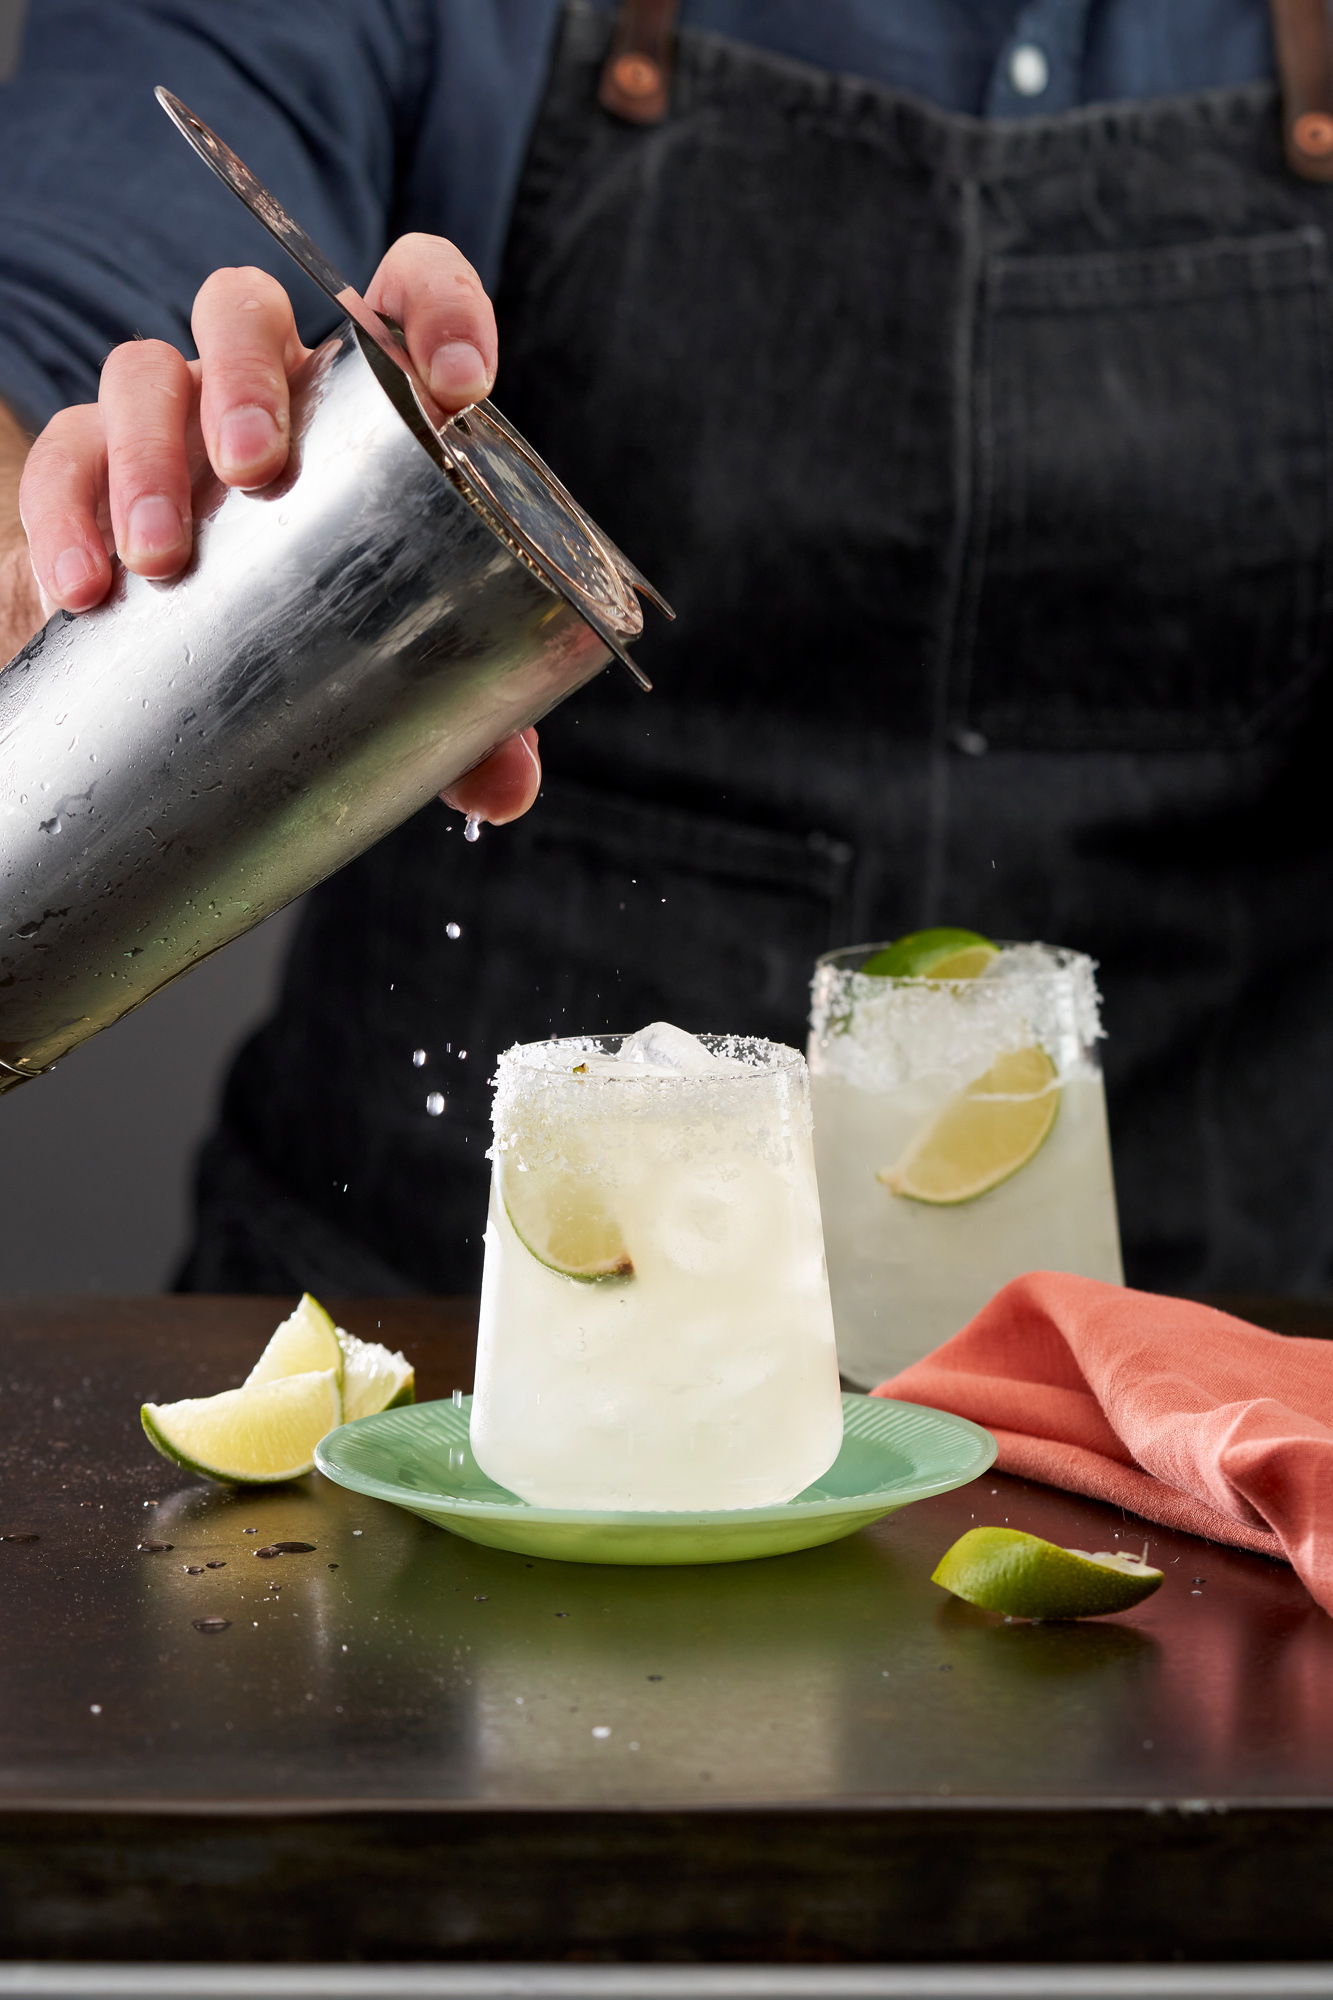 Margarita being made